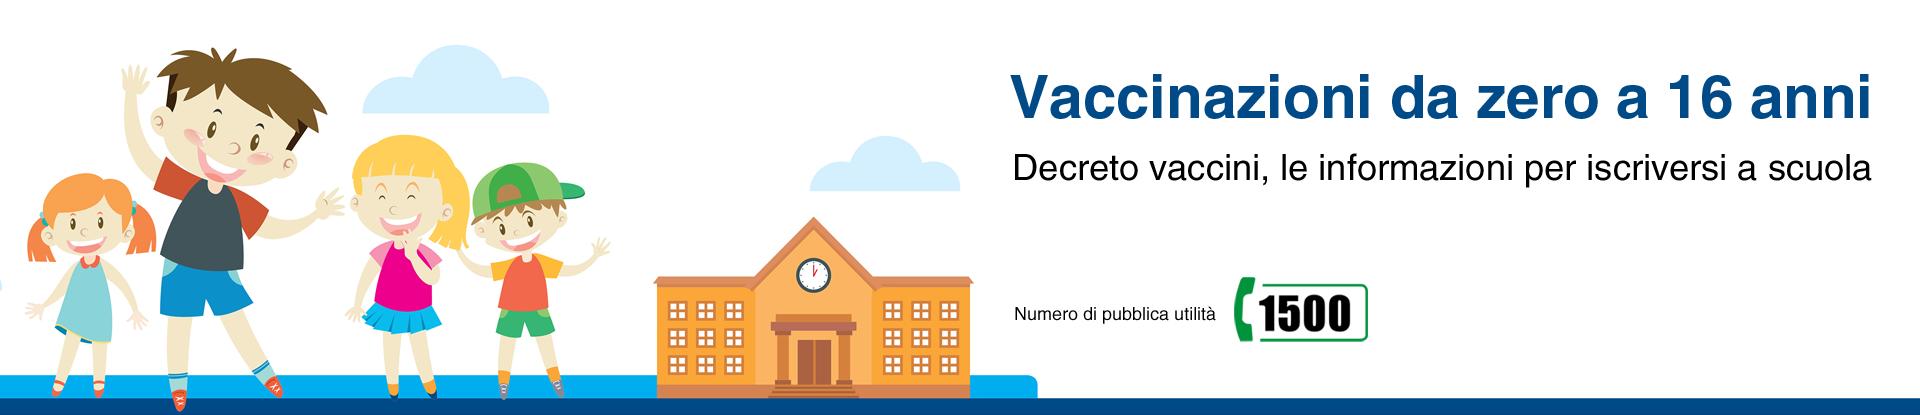 Risultati immagini per vaccinazioni